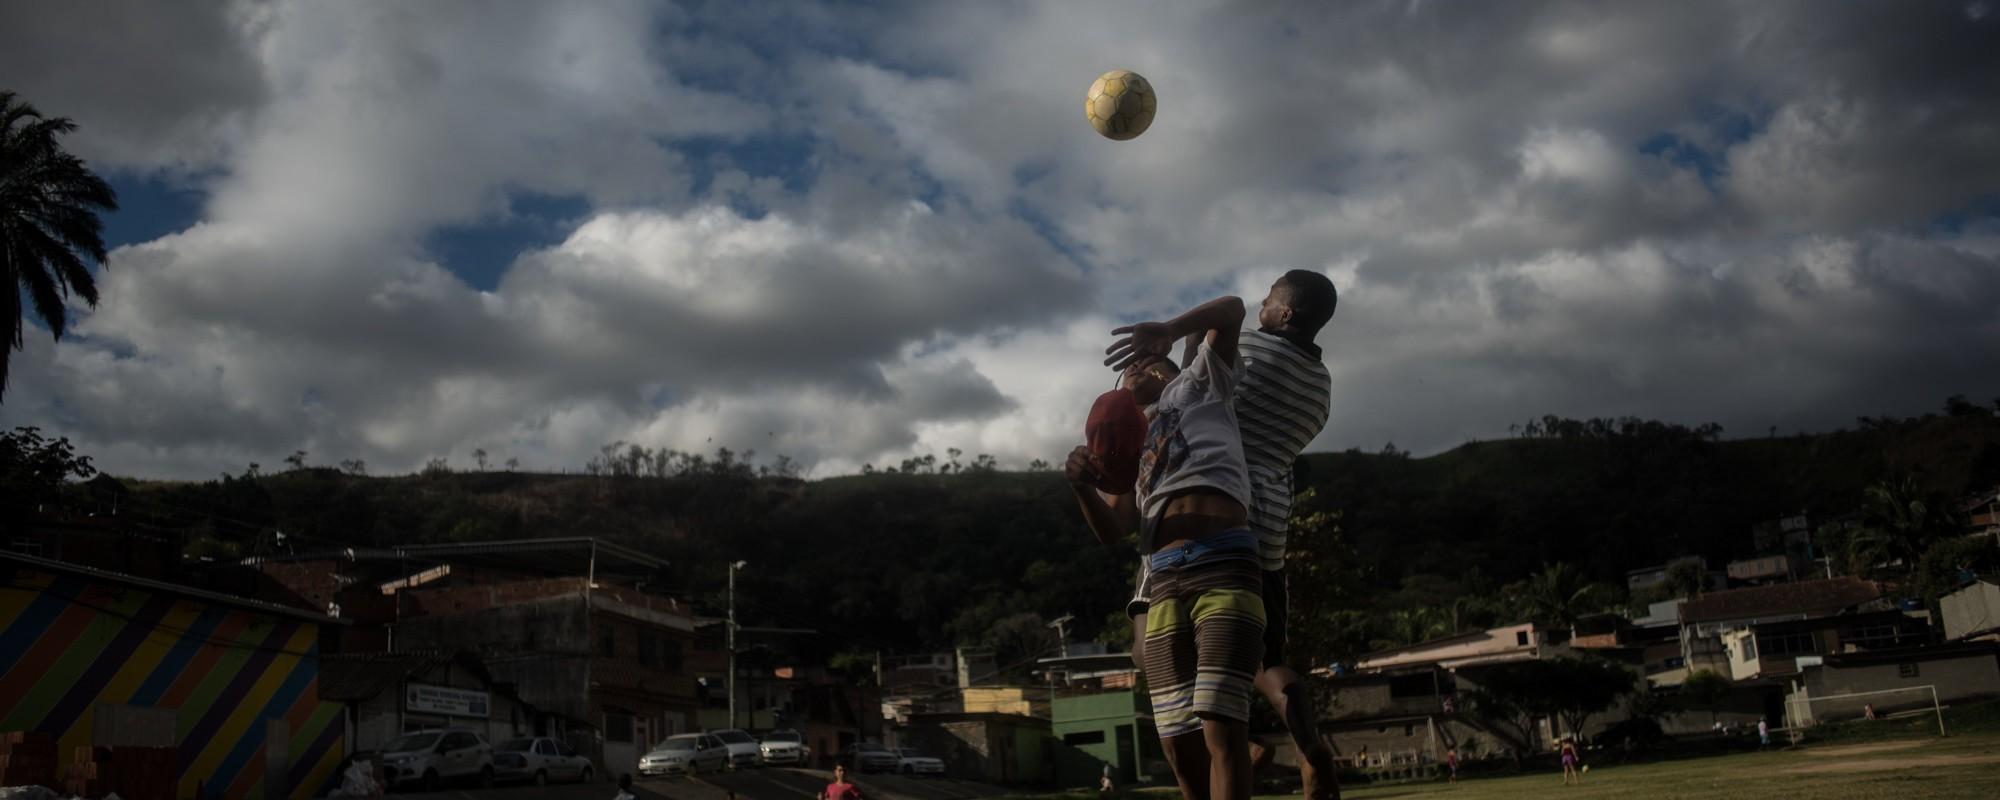 Pipa, futebol e xadrez na comunidade Chacrinha durante a Rio 2016